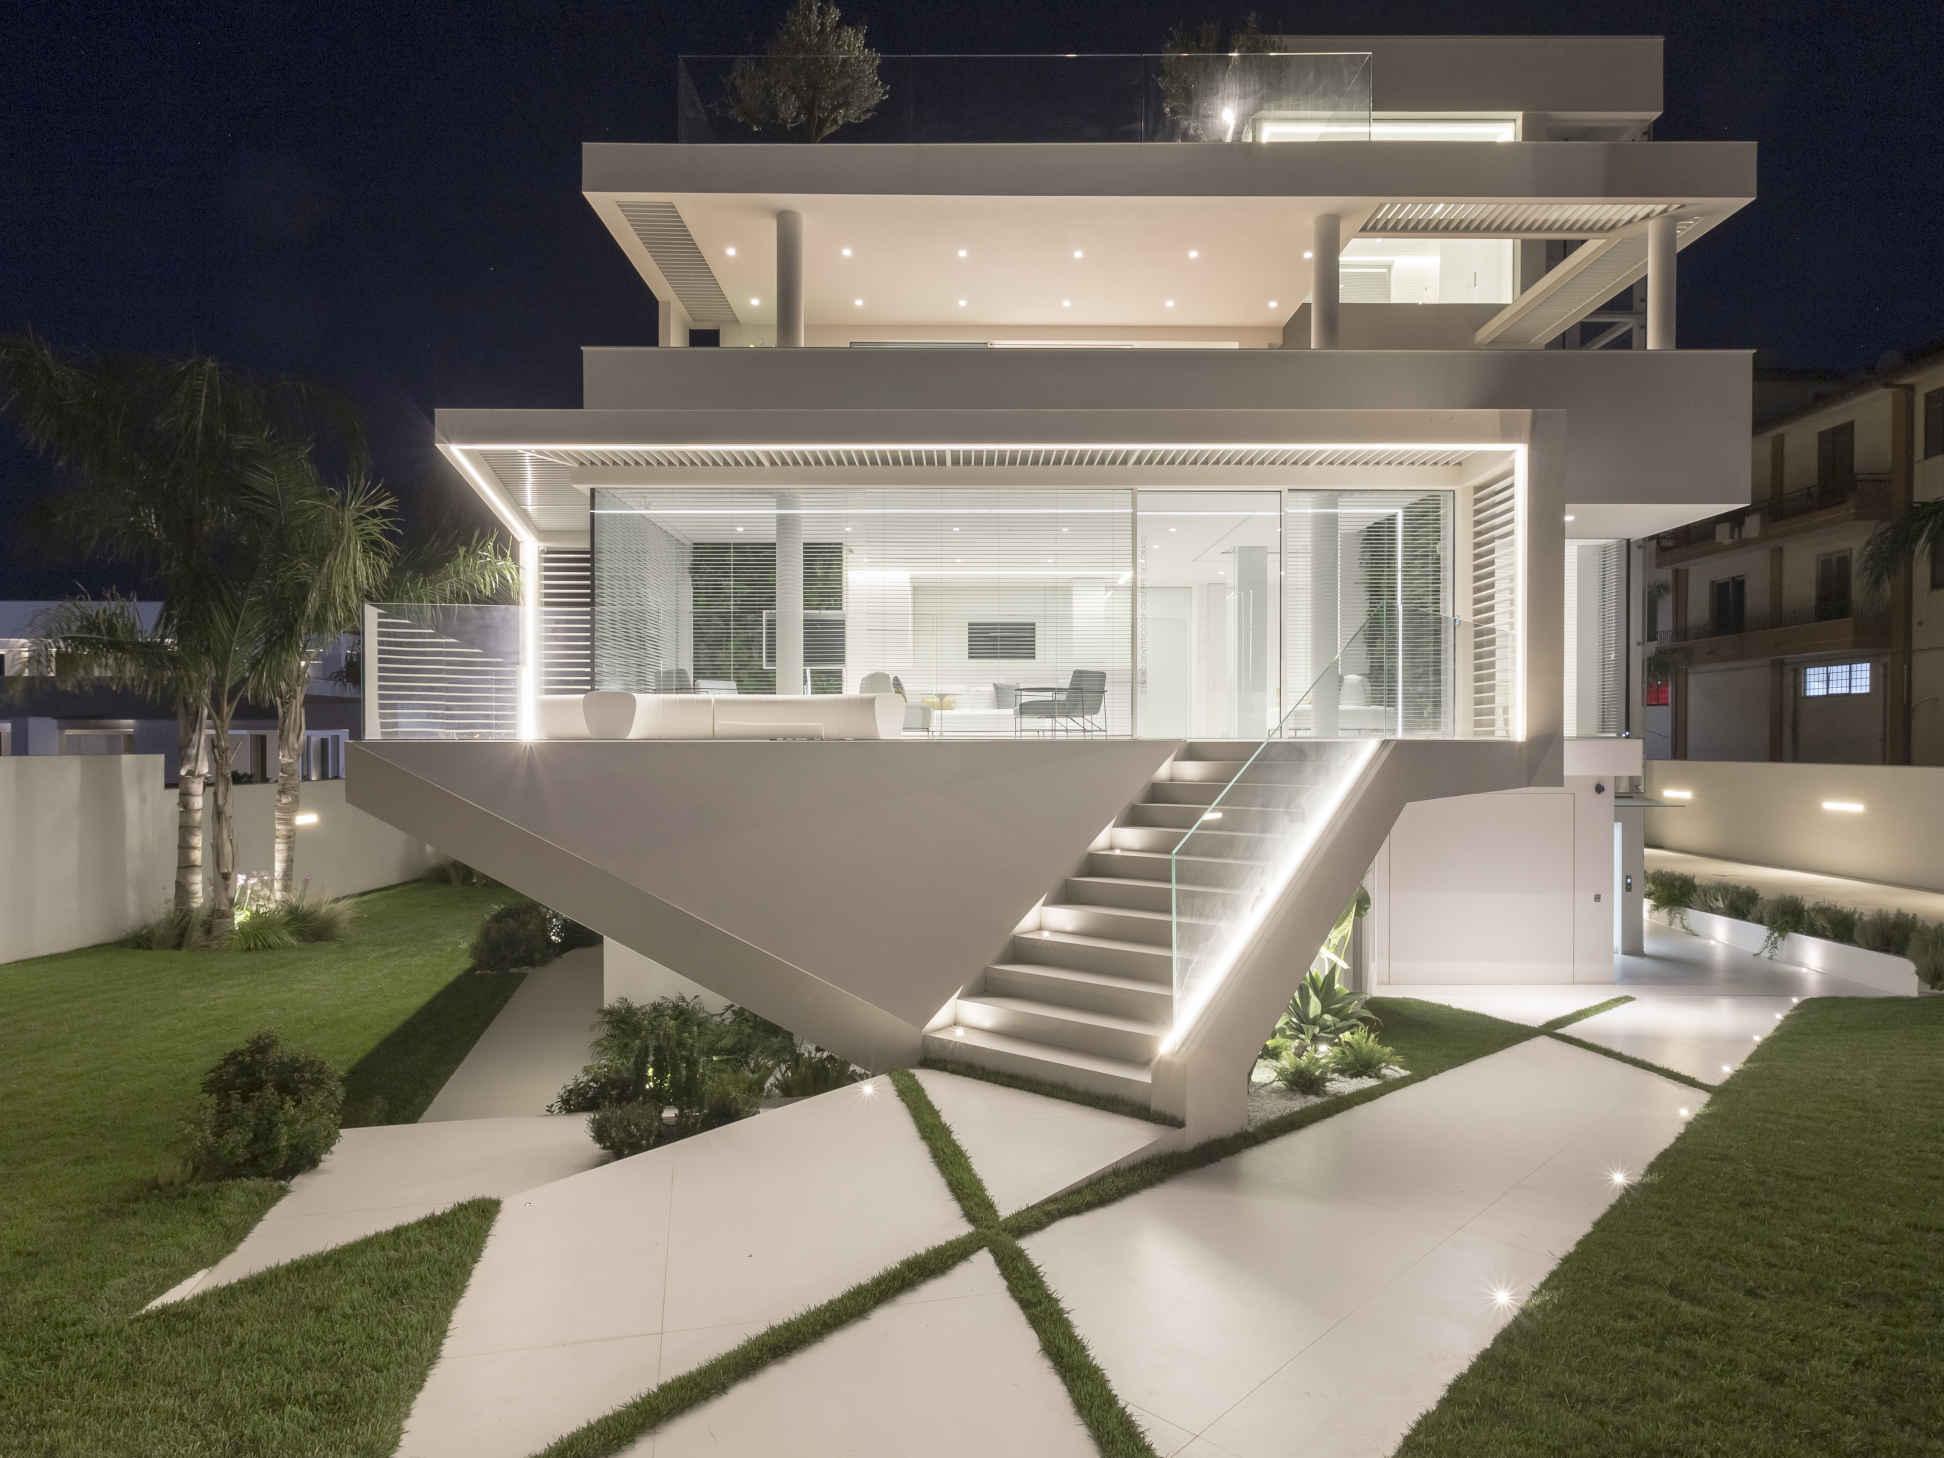 Alla scoperta dell'utopico Centro Dentistico Decorato, dove l'aspetto architettonico incontra natura, comfort e benessere [ESTRATTO]